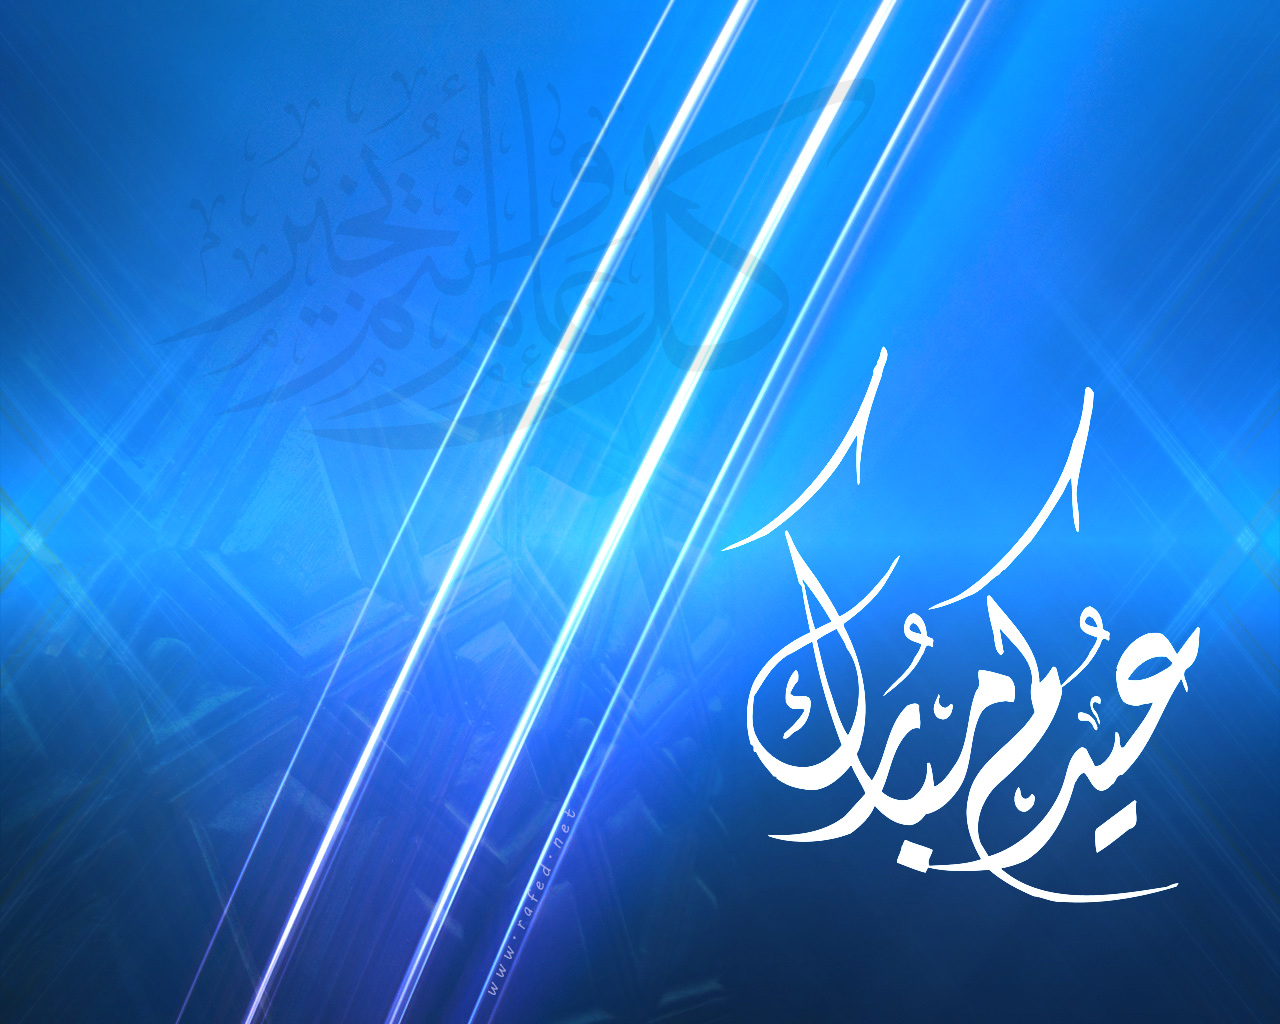 صور عن العيد 2020 رسائل عيد الفطر عيد الفطر المبارك صور عيد الفطر 15